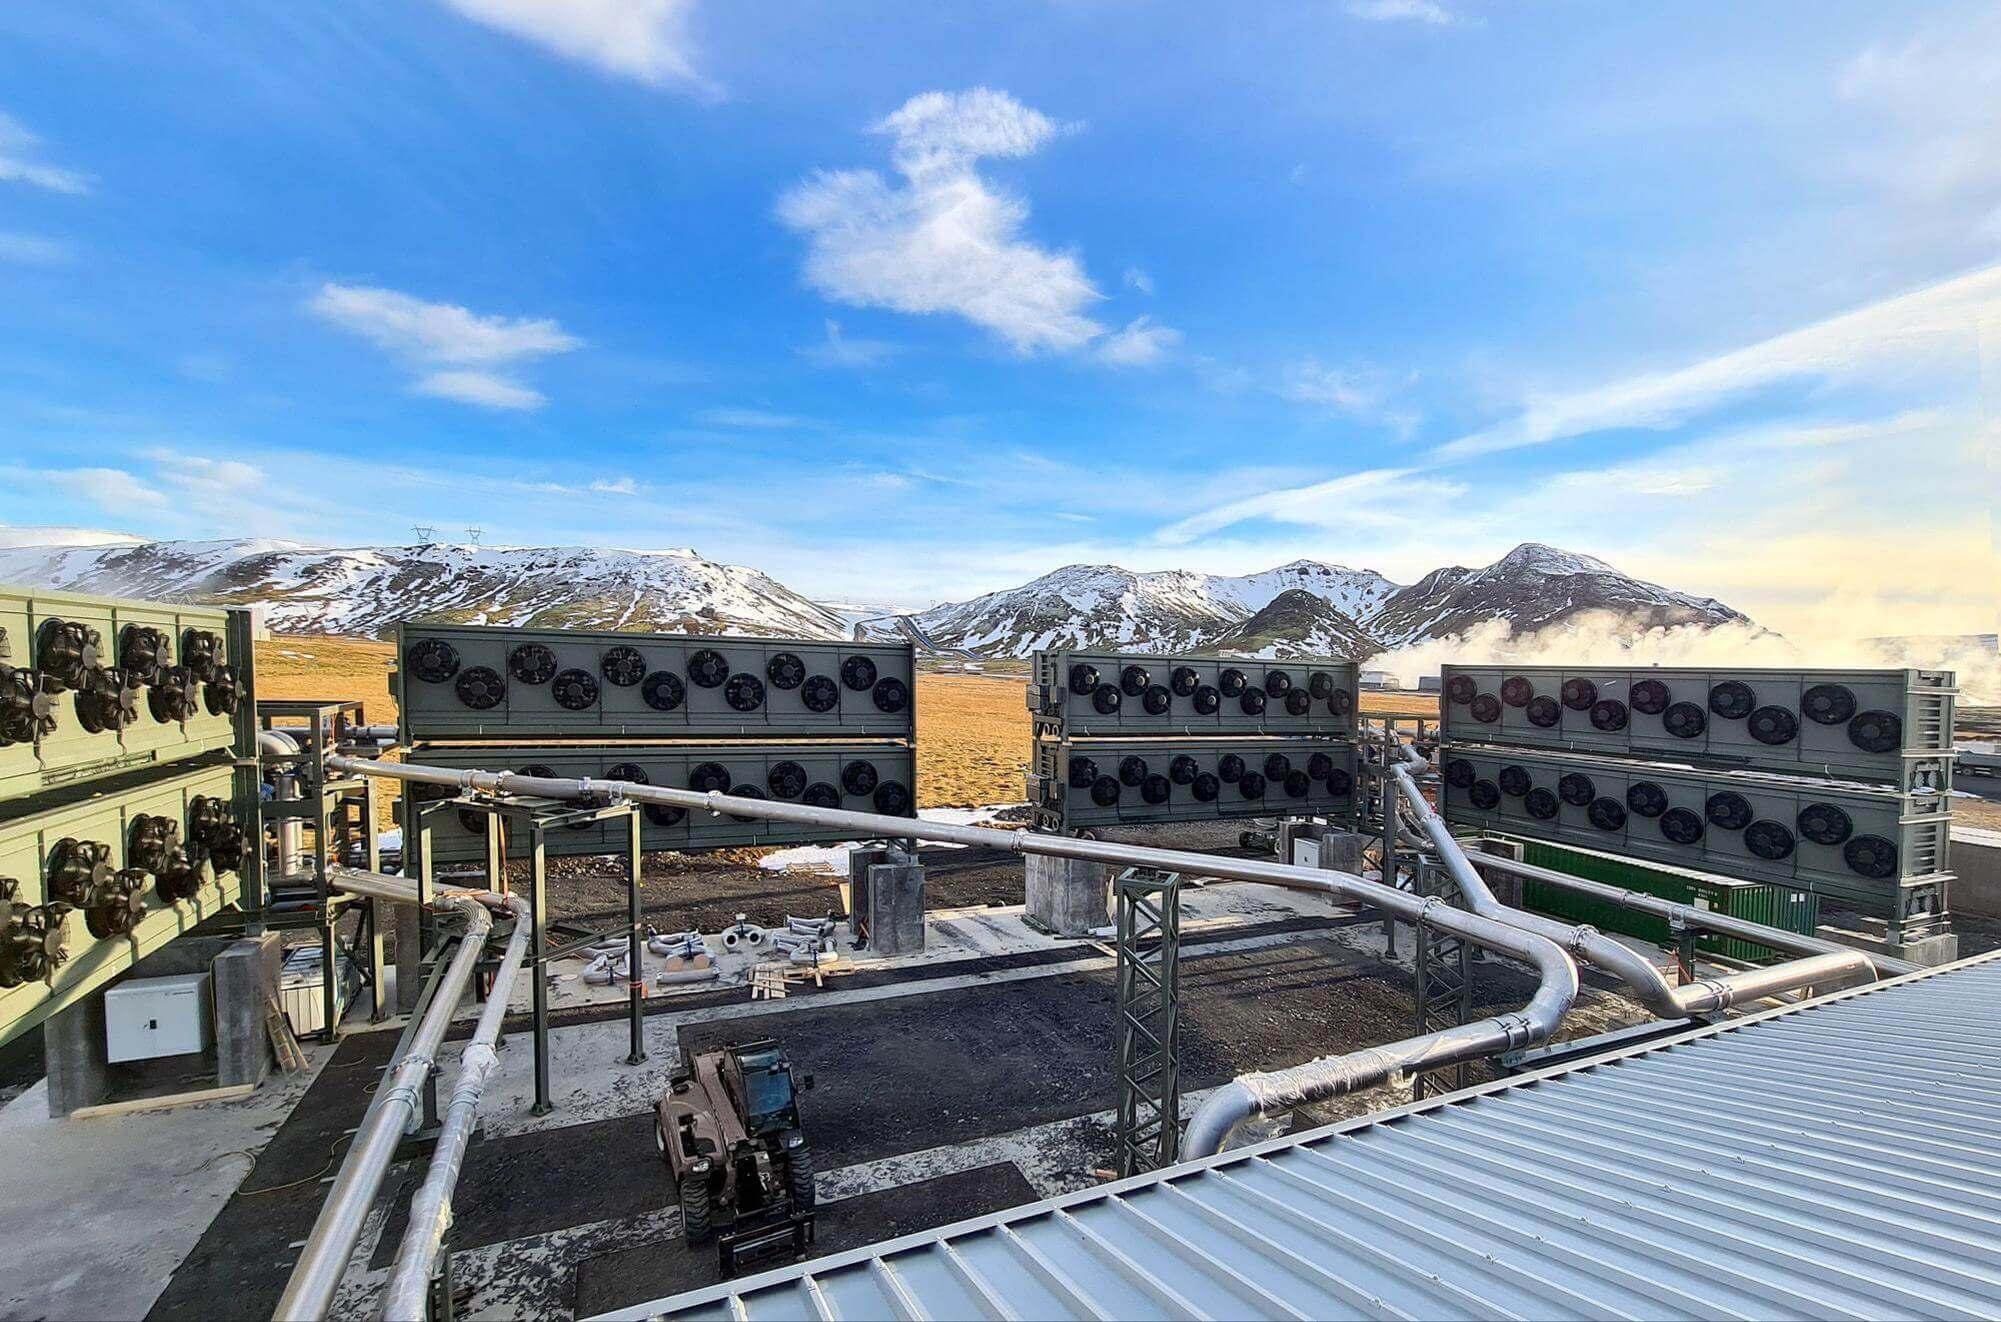 """L'usine """"Orca"""" en Islande filtre chaque année environ 4 000 tonnes de CO₂ de l'air. Climeworks"""